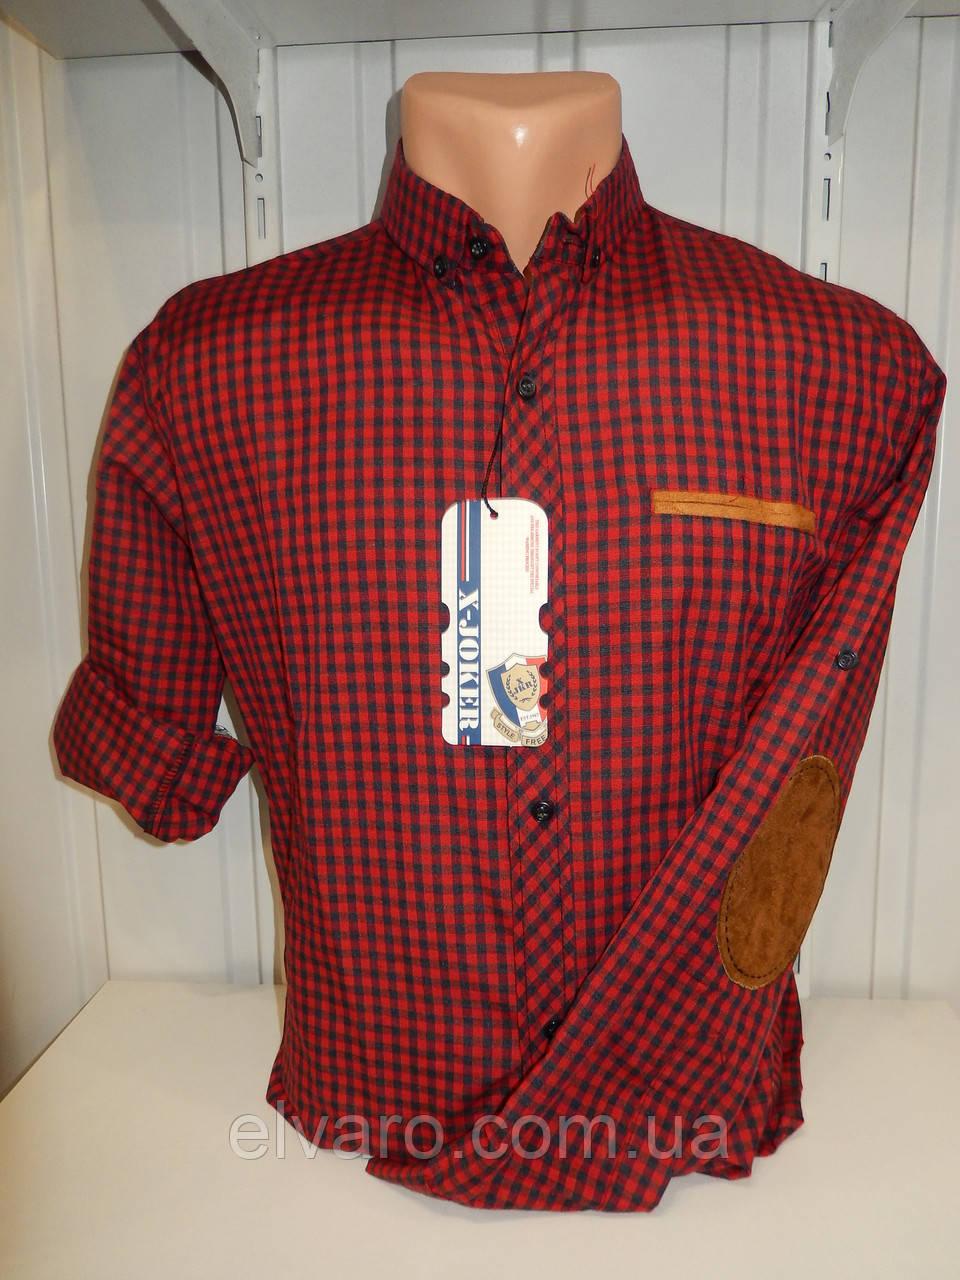 8528f6faff6 Красивая хлопковая мужская рубашка X-Joker клетка